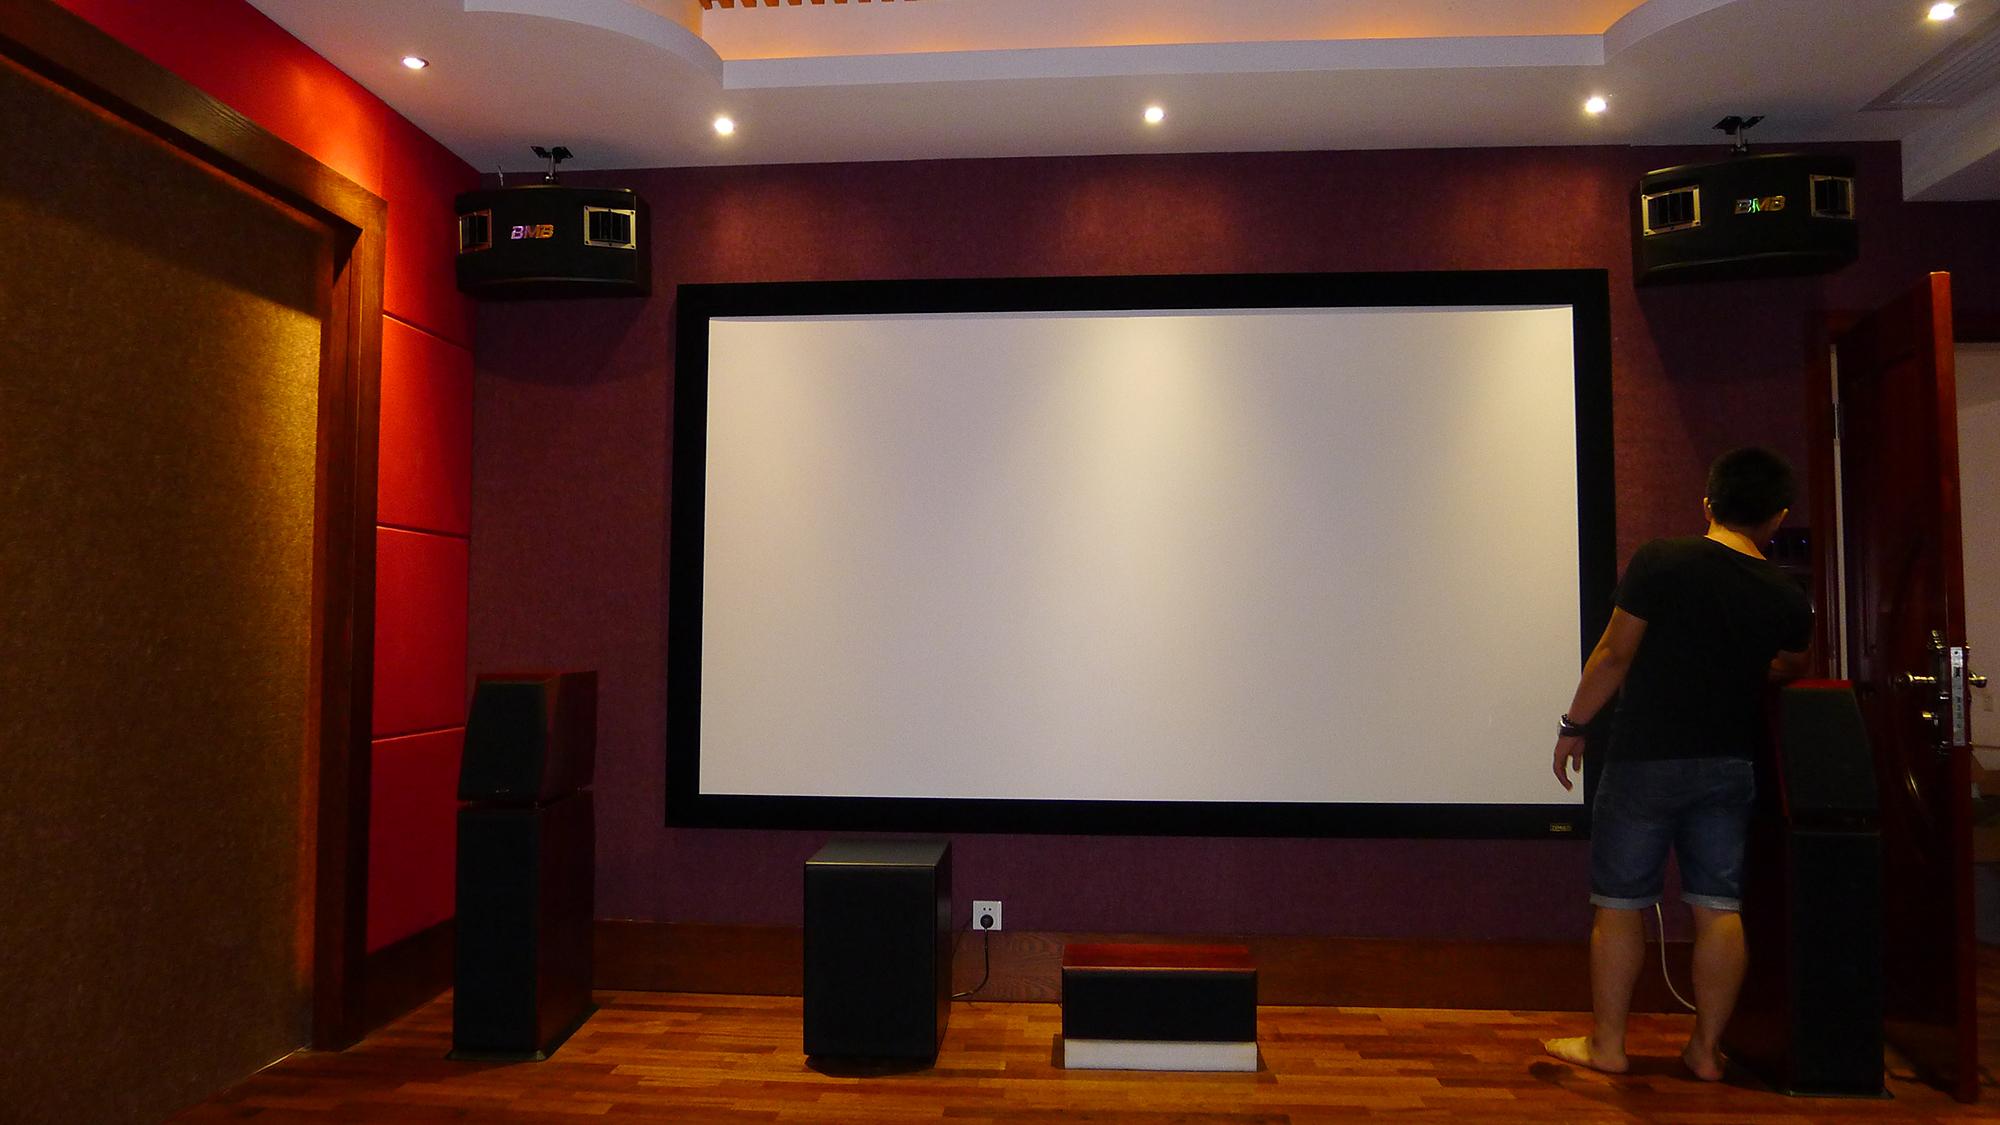 家庭影院KTV装修设计案例